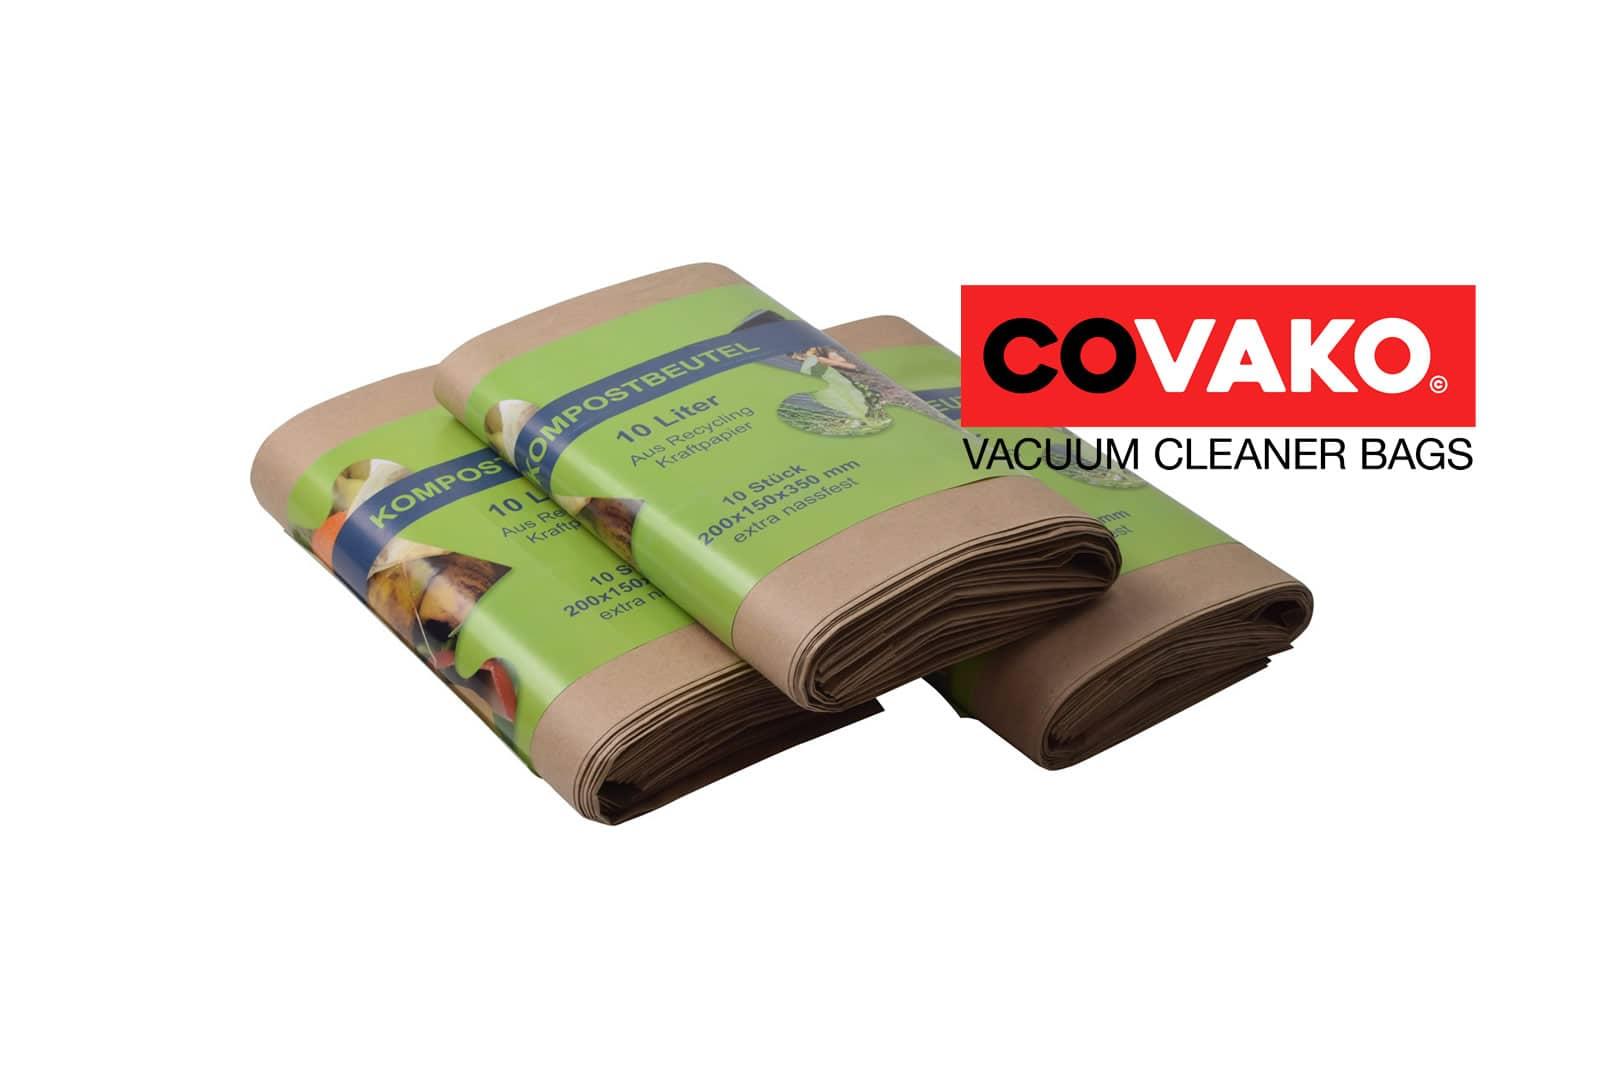 Organic waste bag compostable / Part Item - Biomüllbeutel kompostierbarvacuum cleaner bags